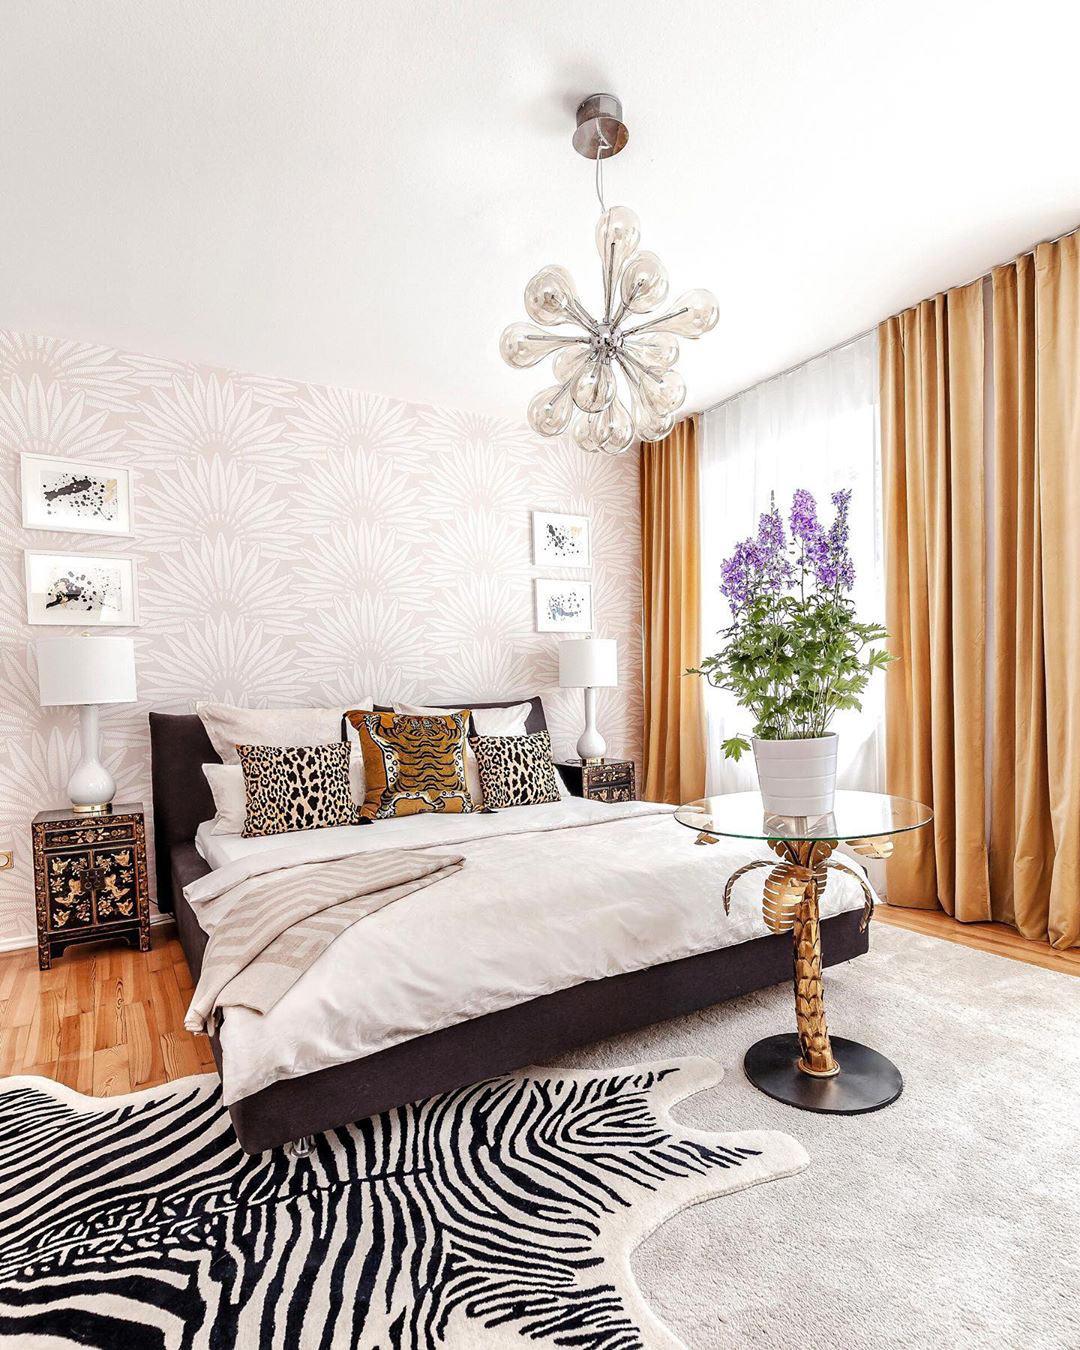 katarina-fischer-interior-bedroom